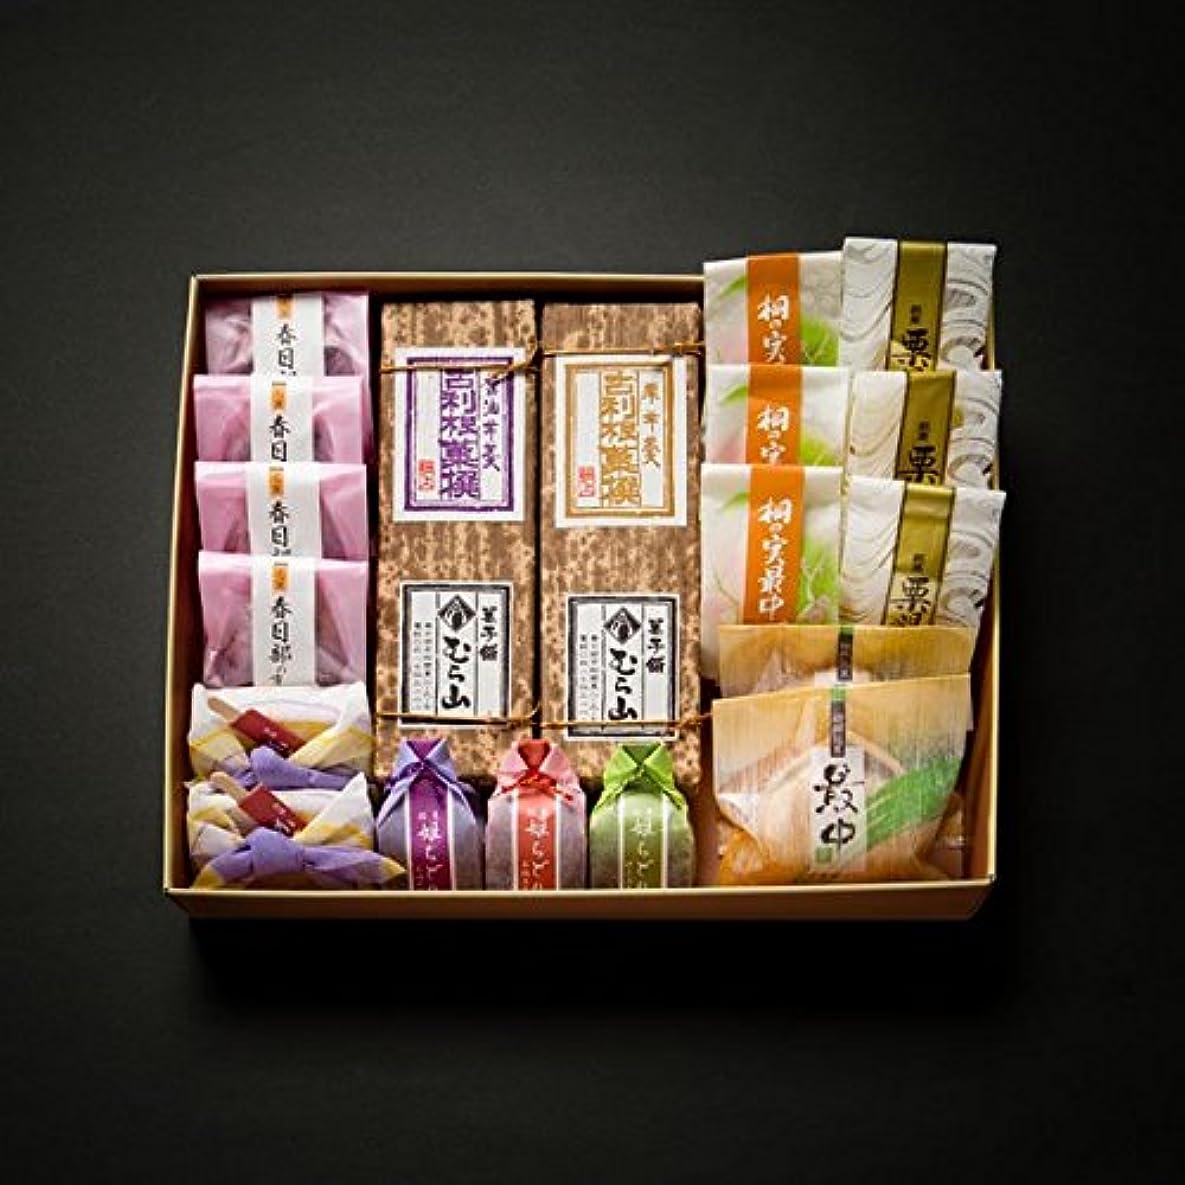 郵便用心深いモノグラフ銘菓「むらやま」 Amazonオリジナル 和菓子羊羹詰め合わせ